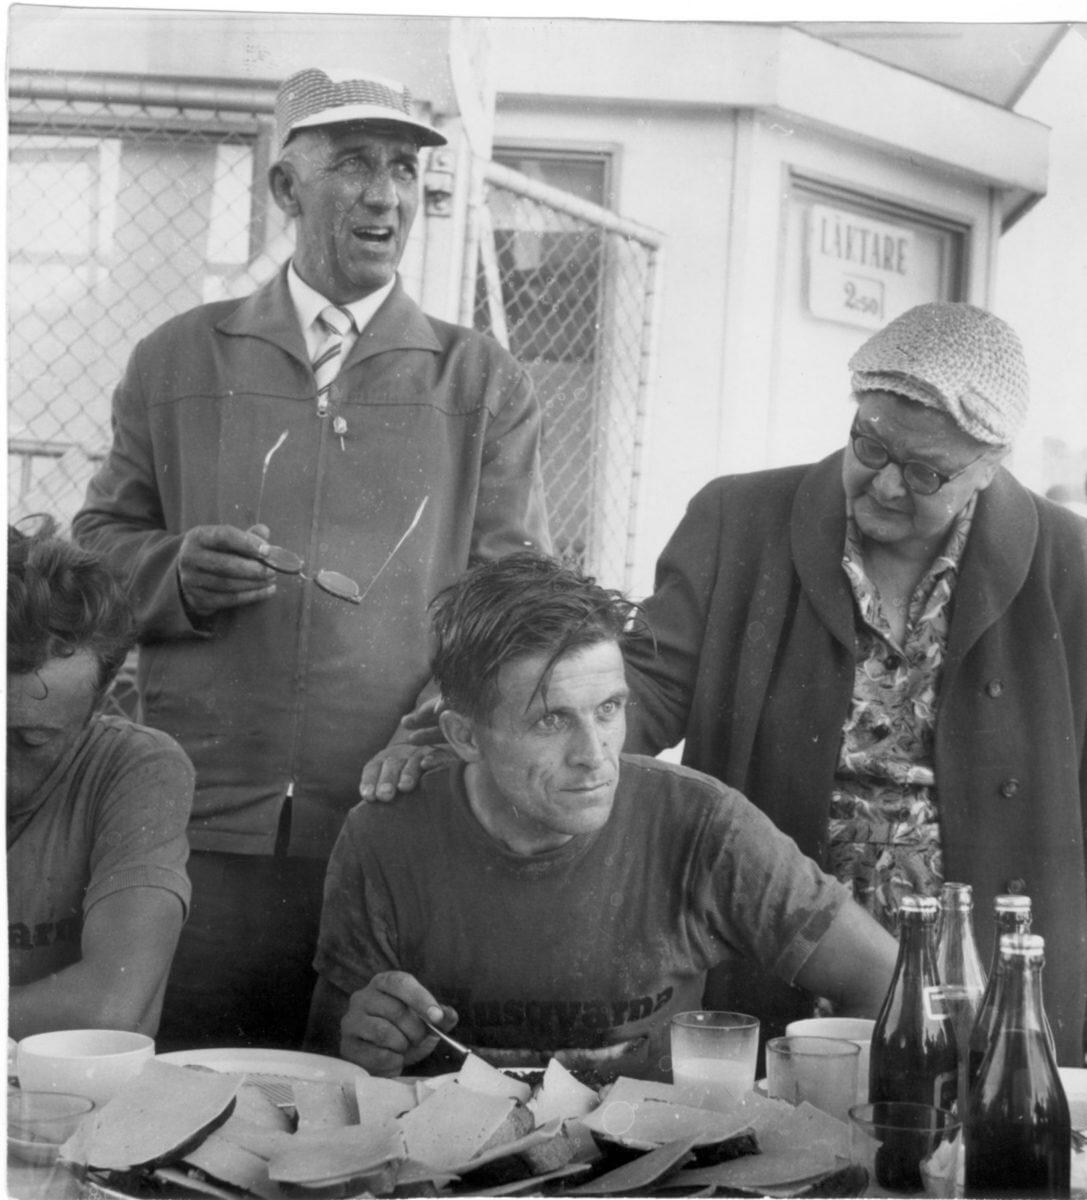 En fokuserad man sitter ned och äter mat framför sina föräldrar.